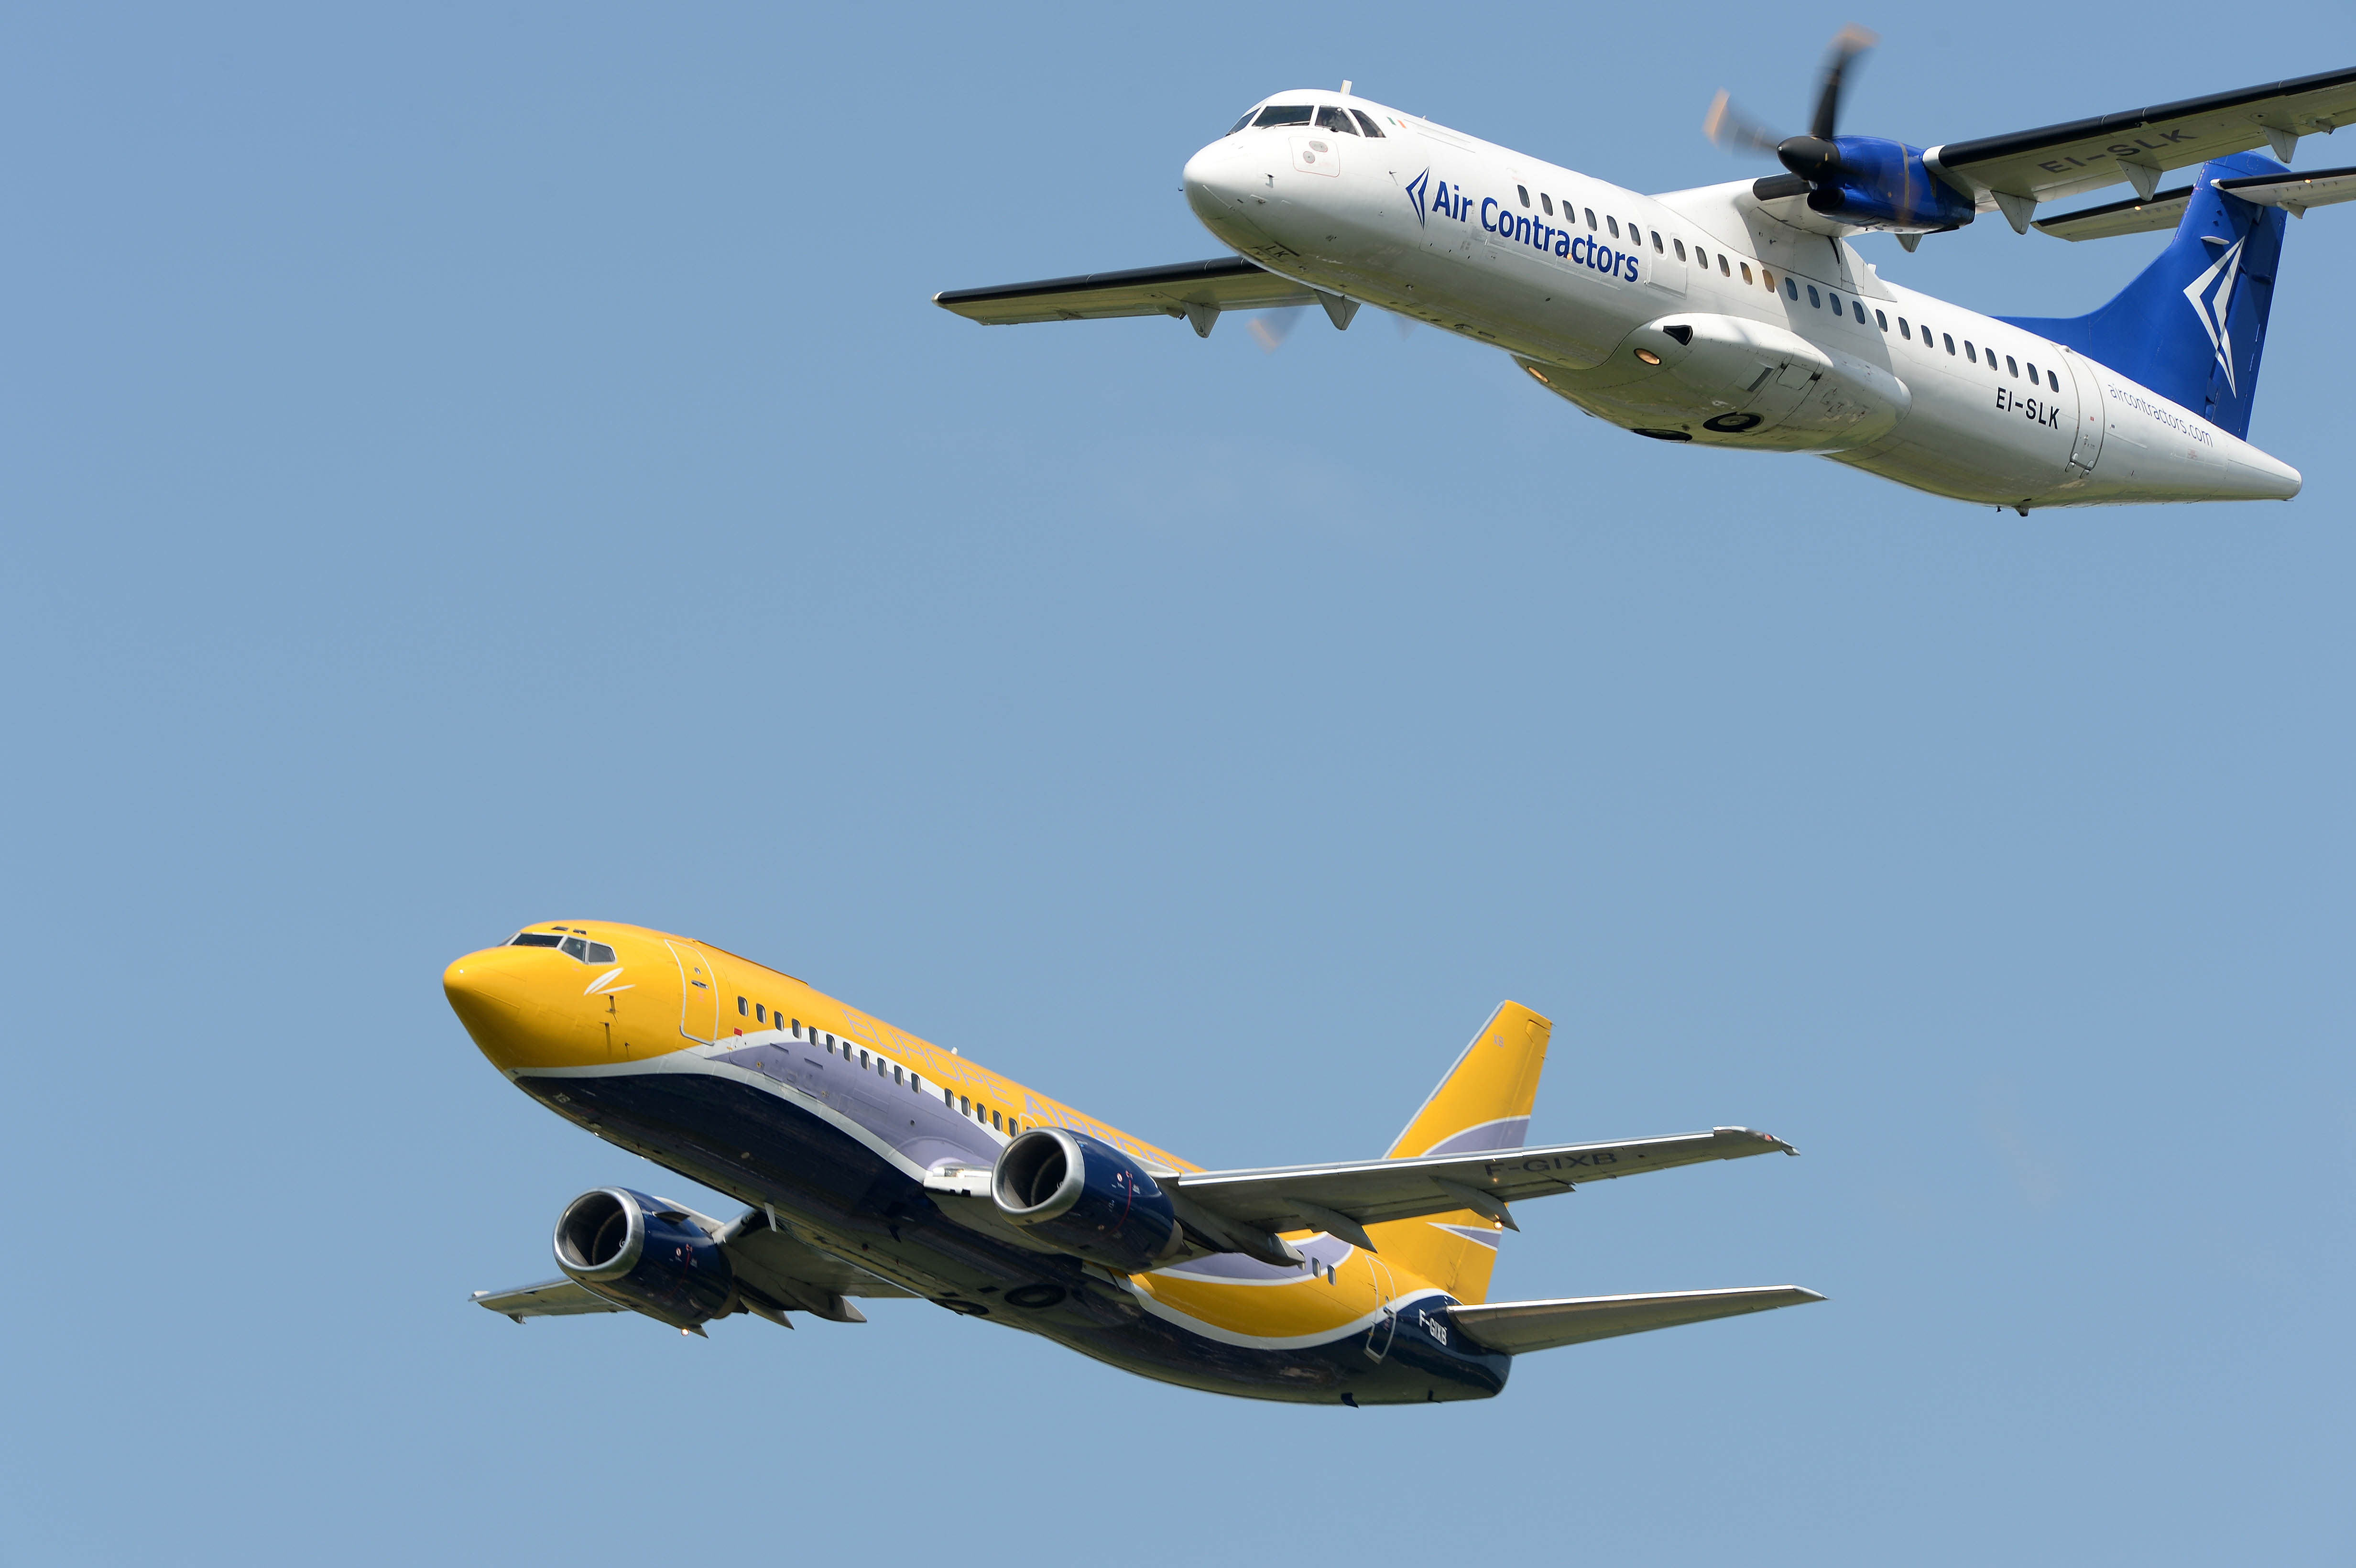 boeing-737-eap-et-atr-air-contractors_04